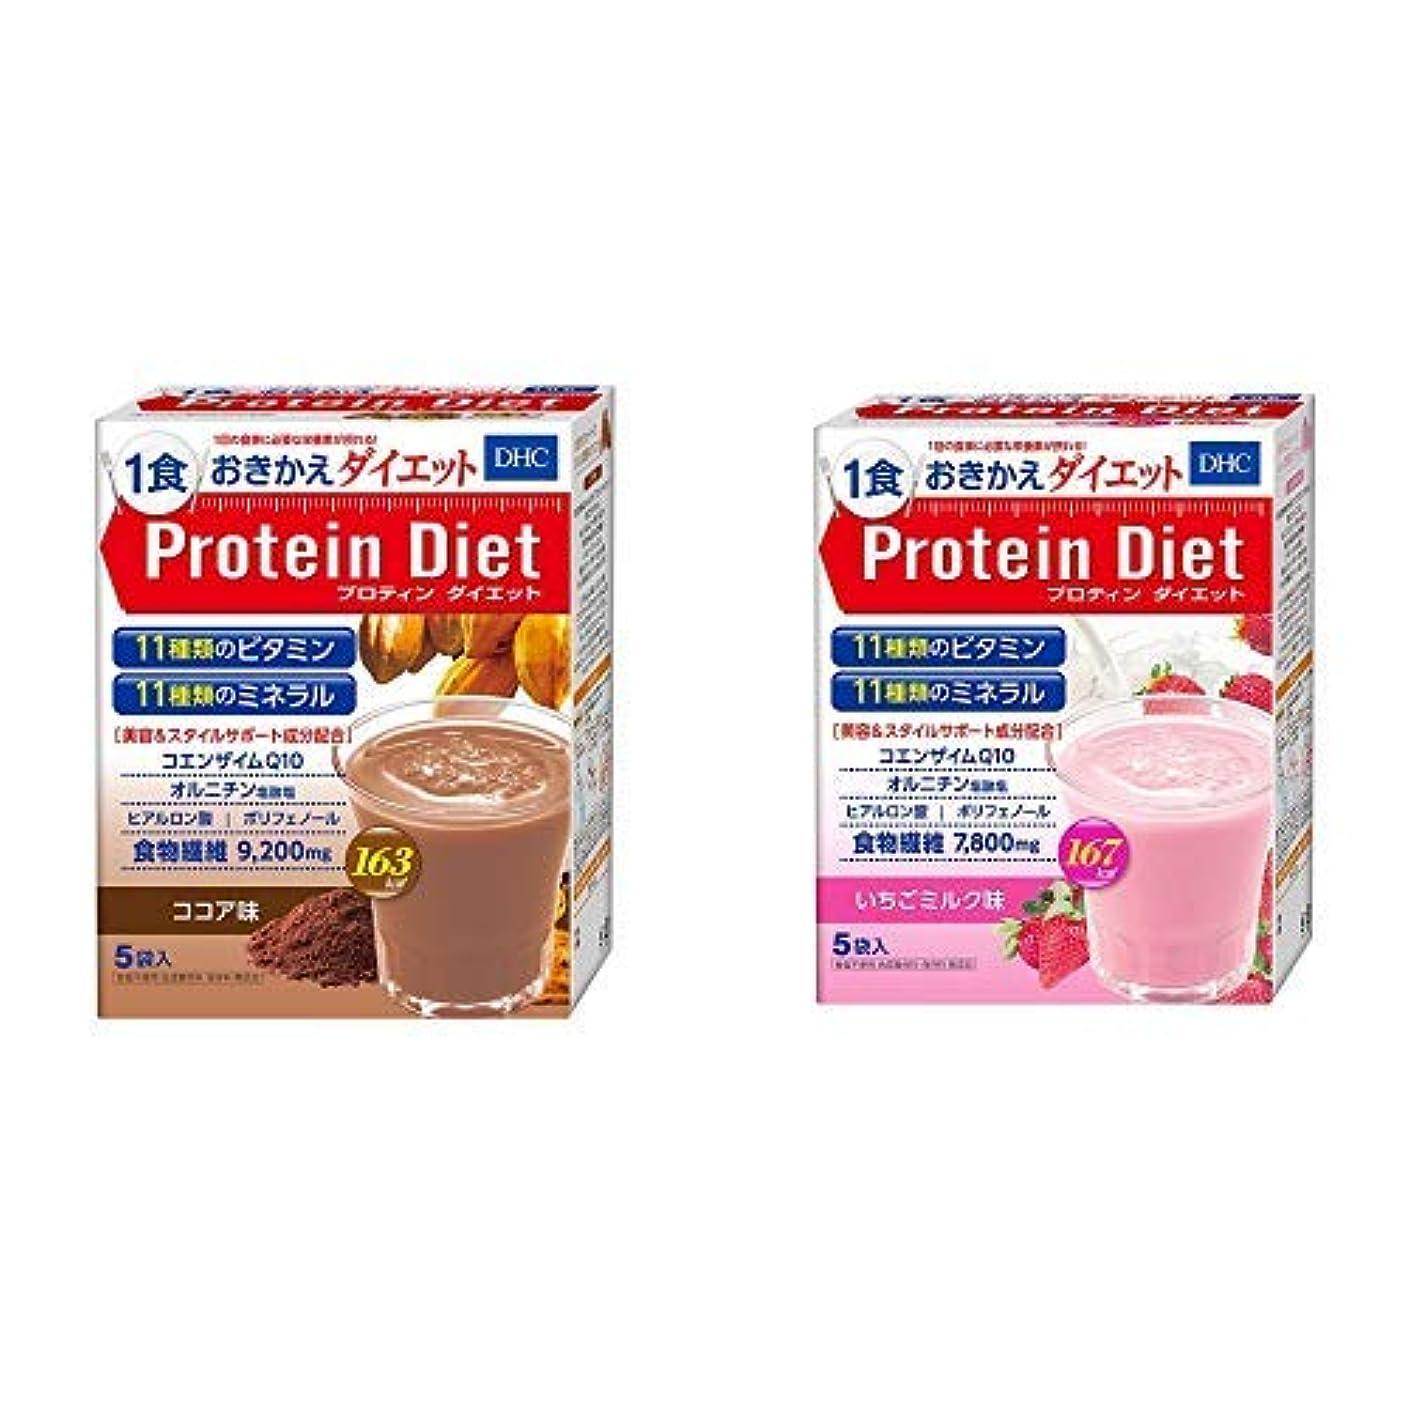 フィラデルフィア針タールDHCプロティンダイエット(ココア味)DHCプロティンダイエット(いちごミルク味)